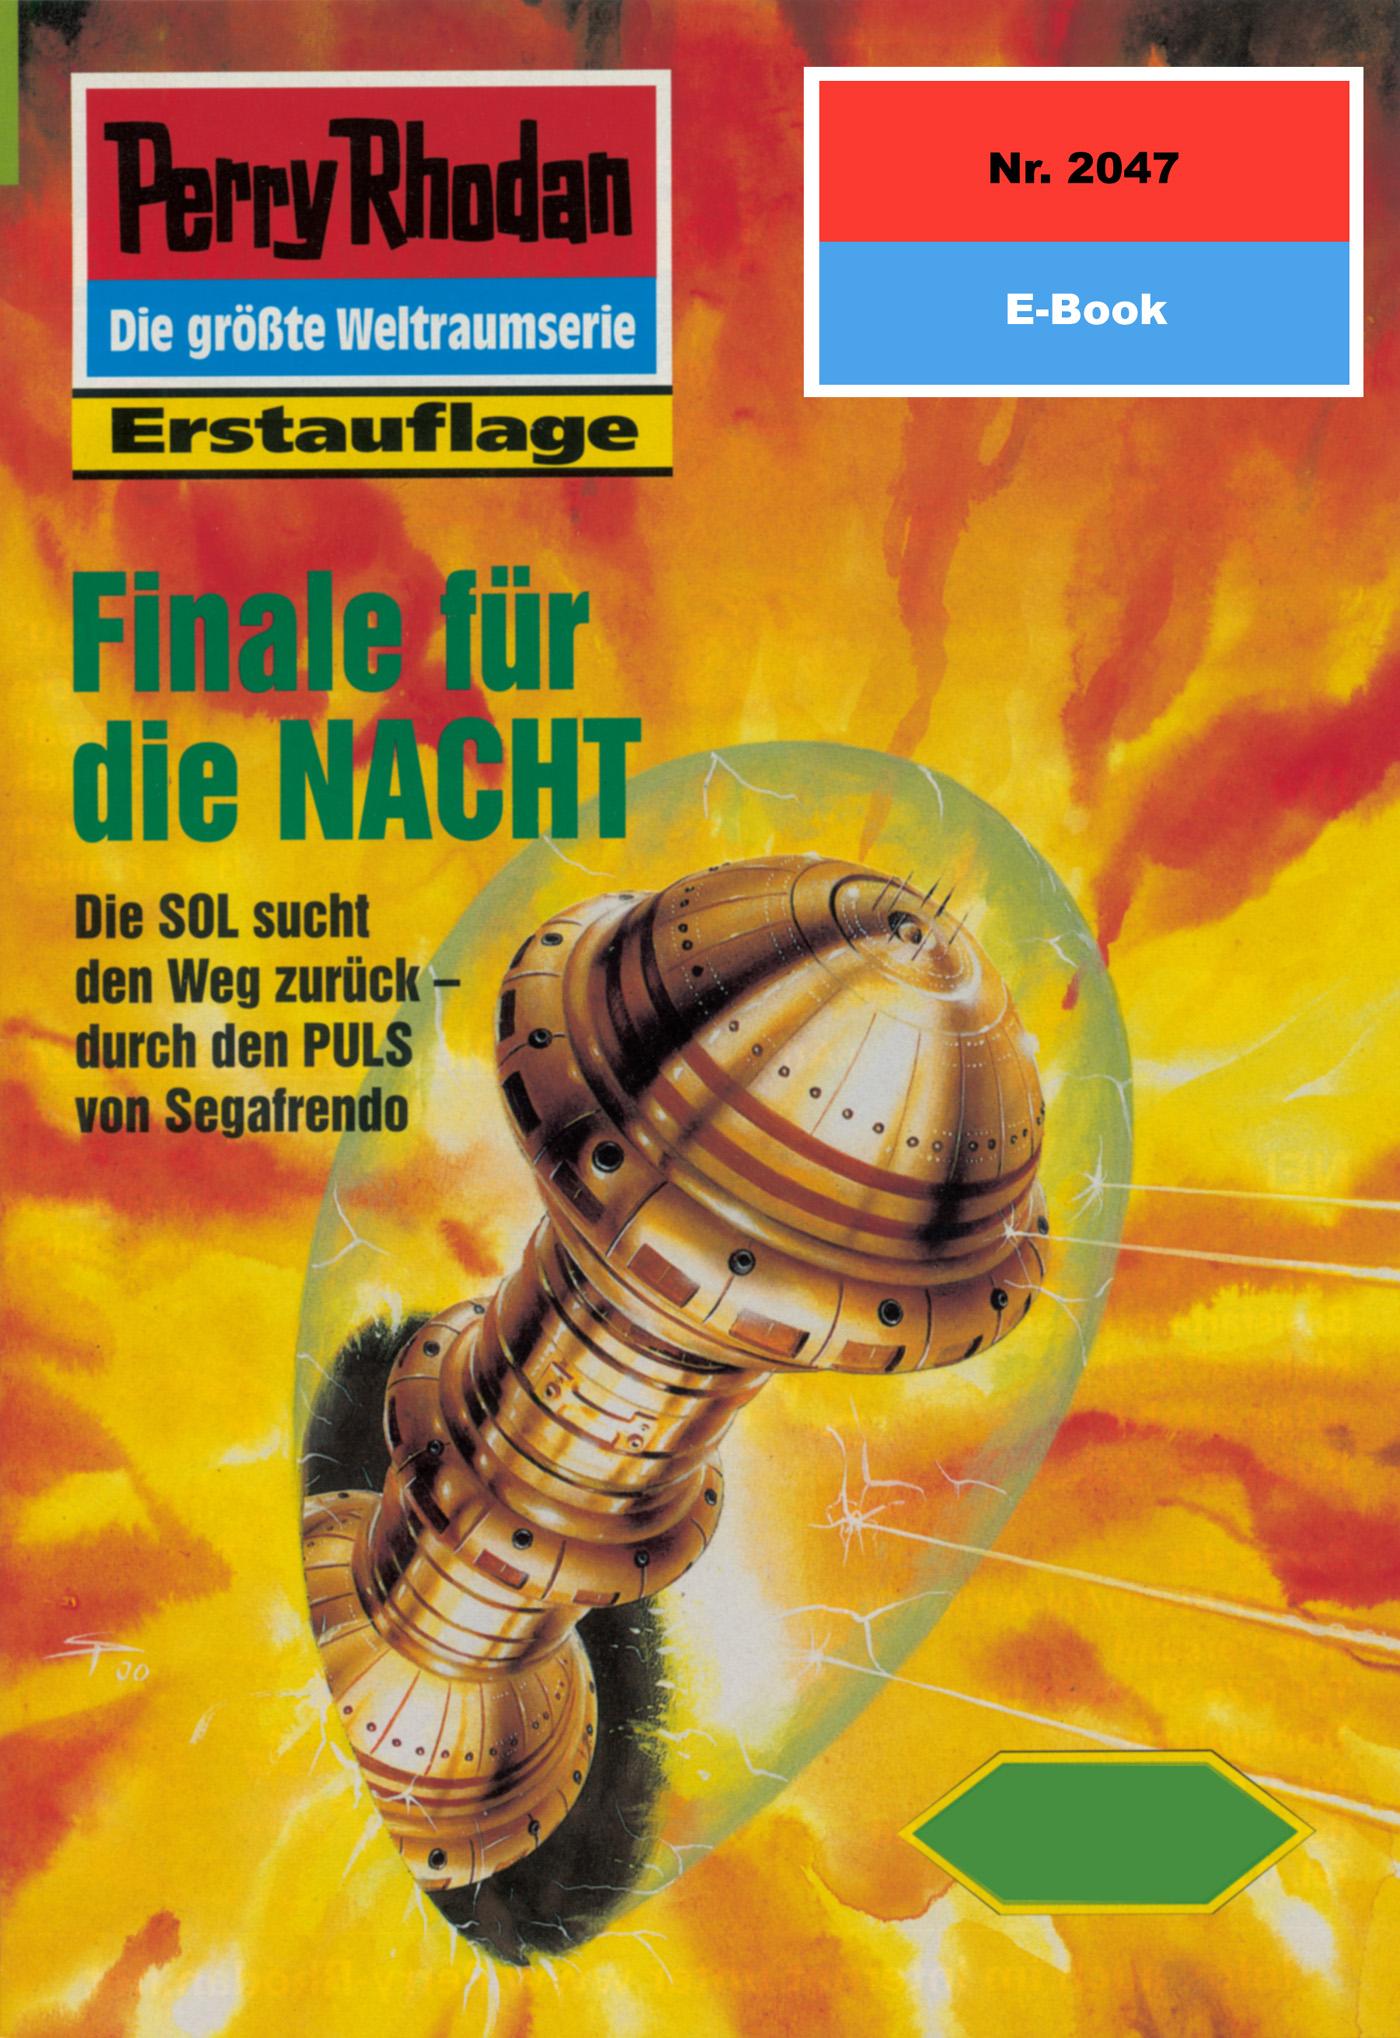 Horst Hoffmann Perry Rhodan 2047: Finale für die NACHT horst hoffmann perry rhodan 2047 finale für die nacht